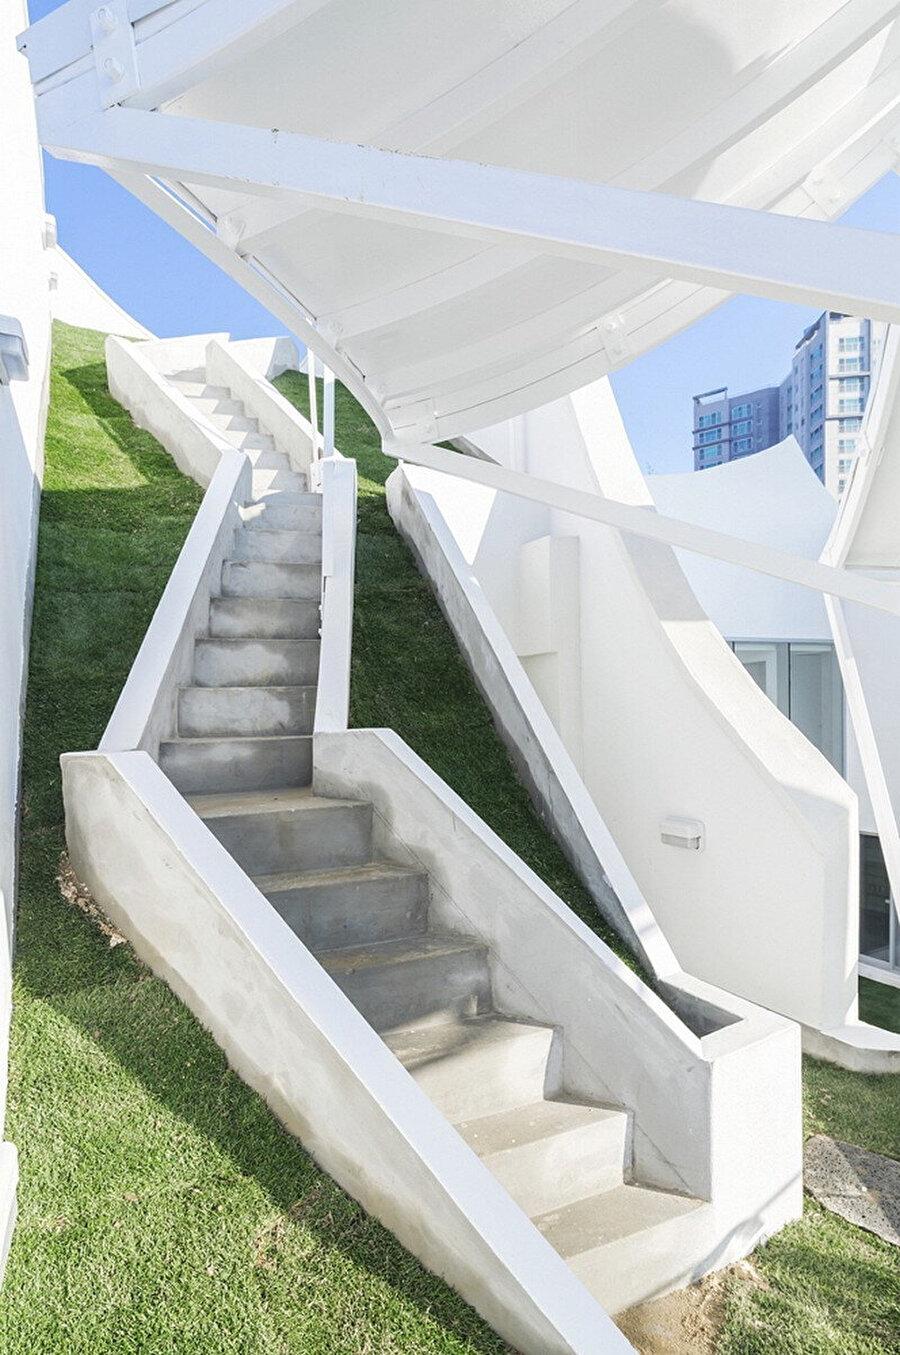 Bahçe kotları arasındaki sirkülasyonu sağlayan merdiven.